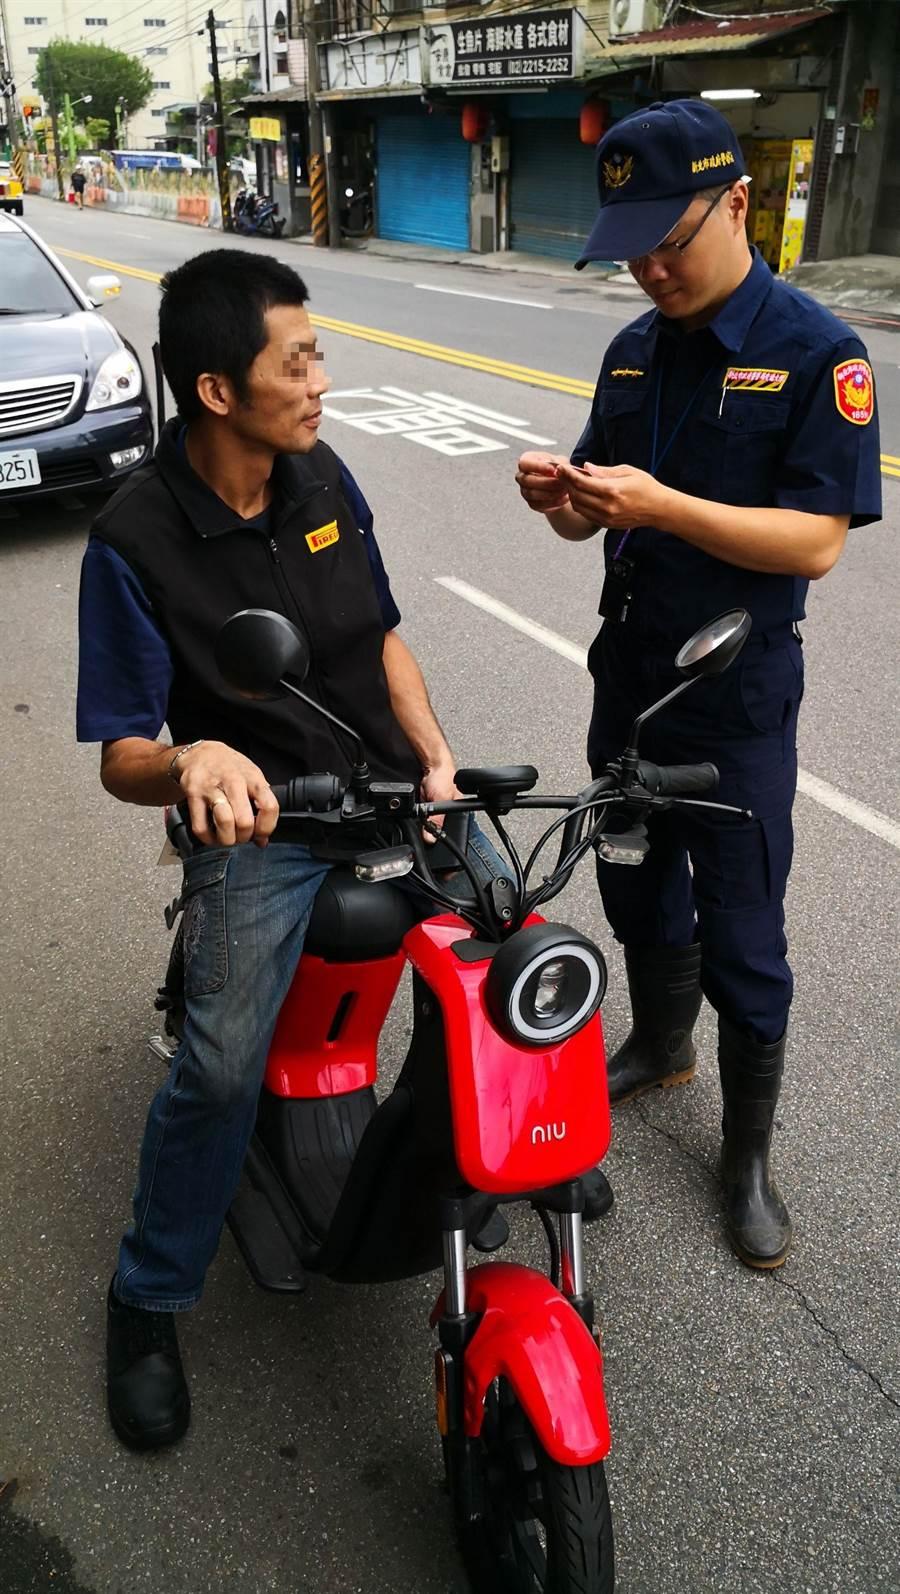 新北市新店警分局介紹簡單口訣 ,除了可以確保駕駛人與用路人的安全以外,還能避免受罰。(新店警分局提供/葉書宏新北報導)